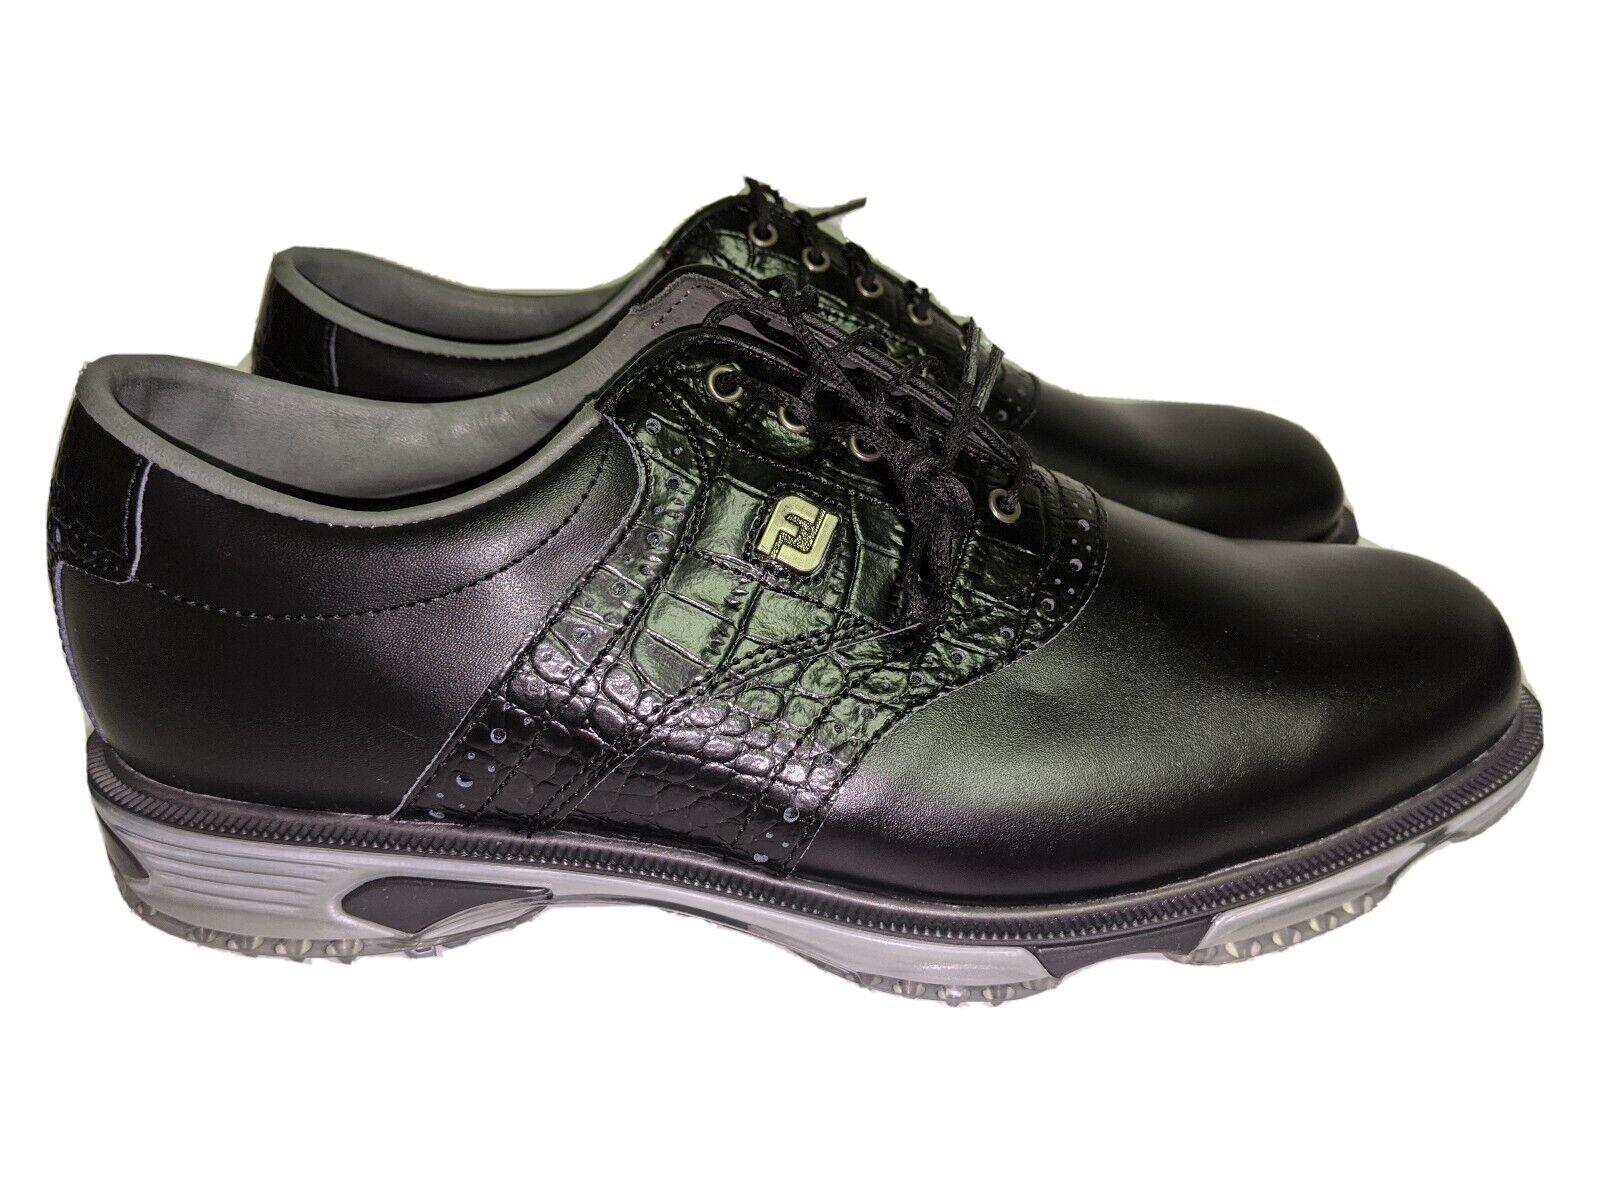 FootJoy DryJoys Tour Golf Shoes 53775